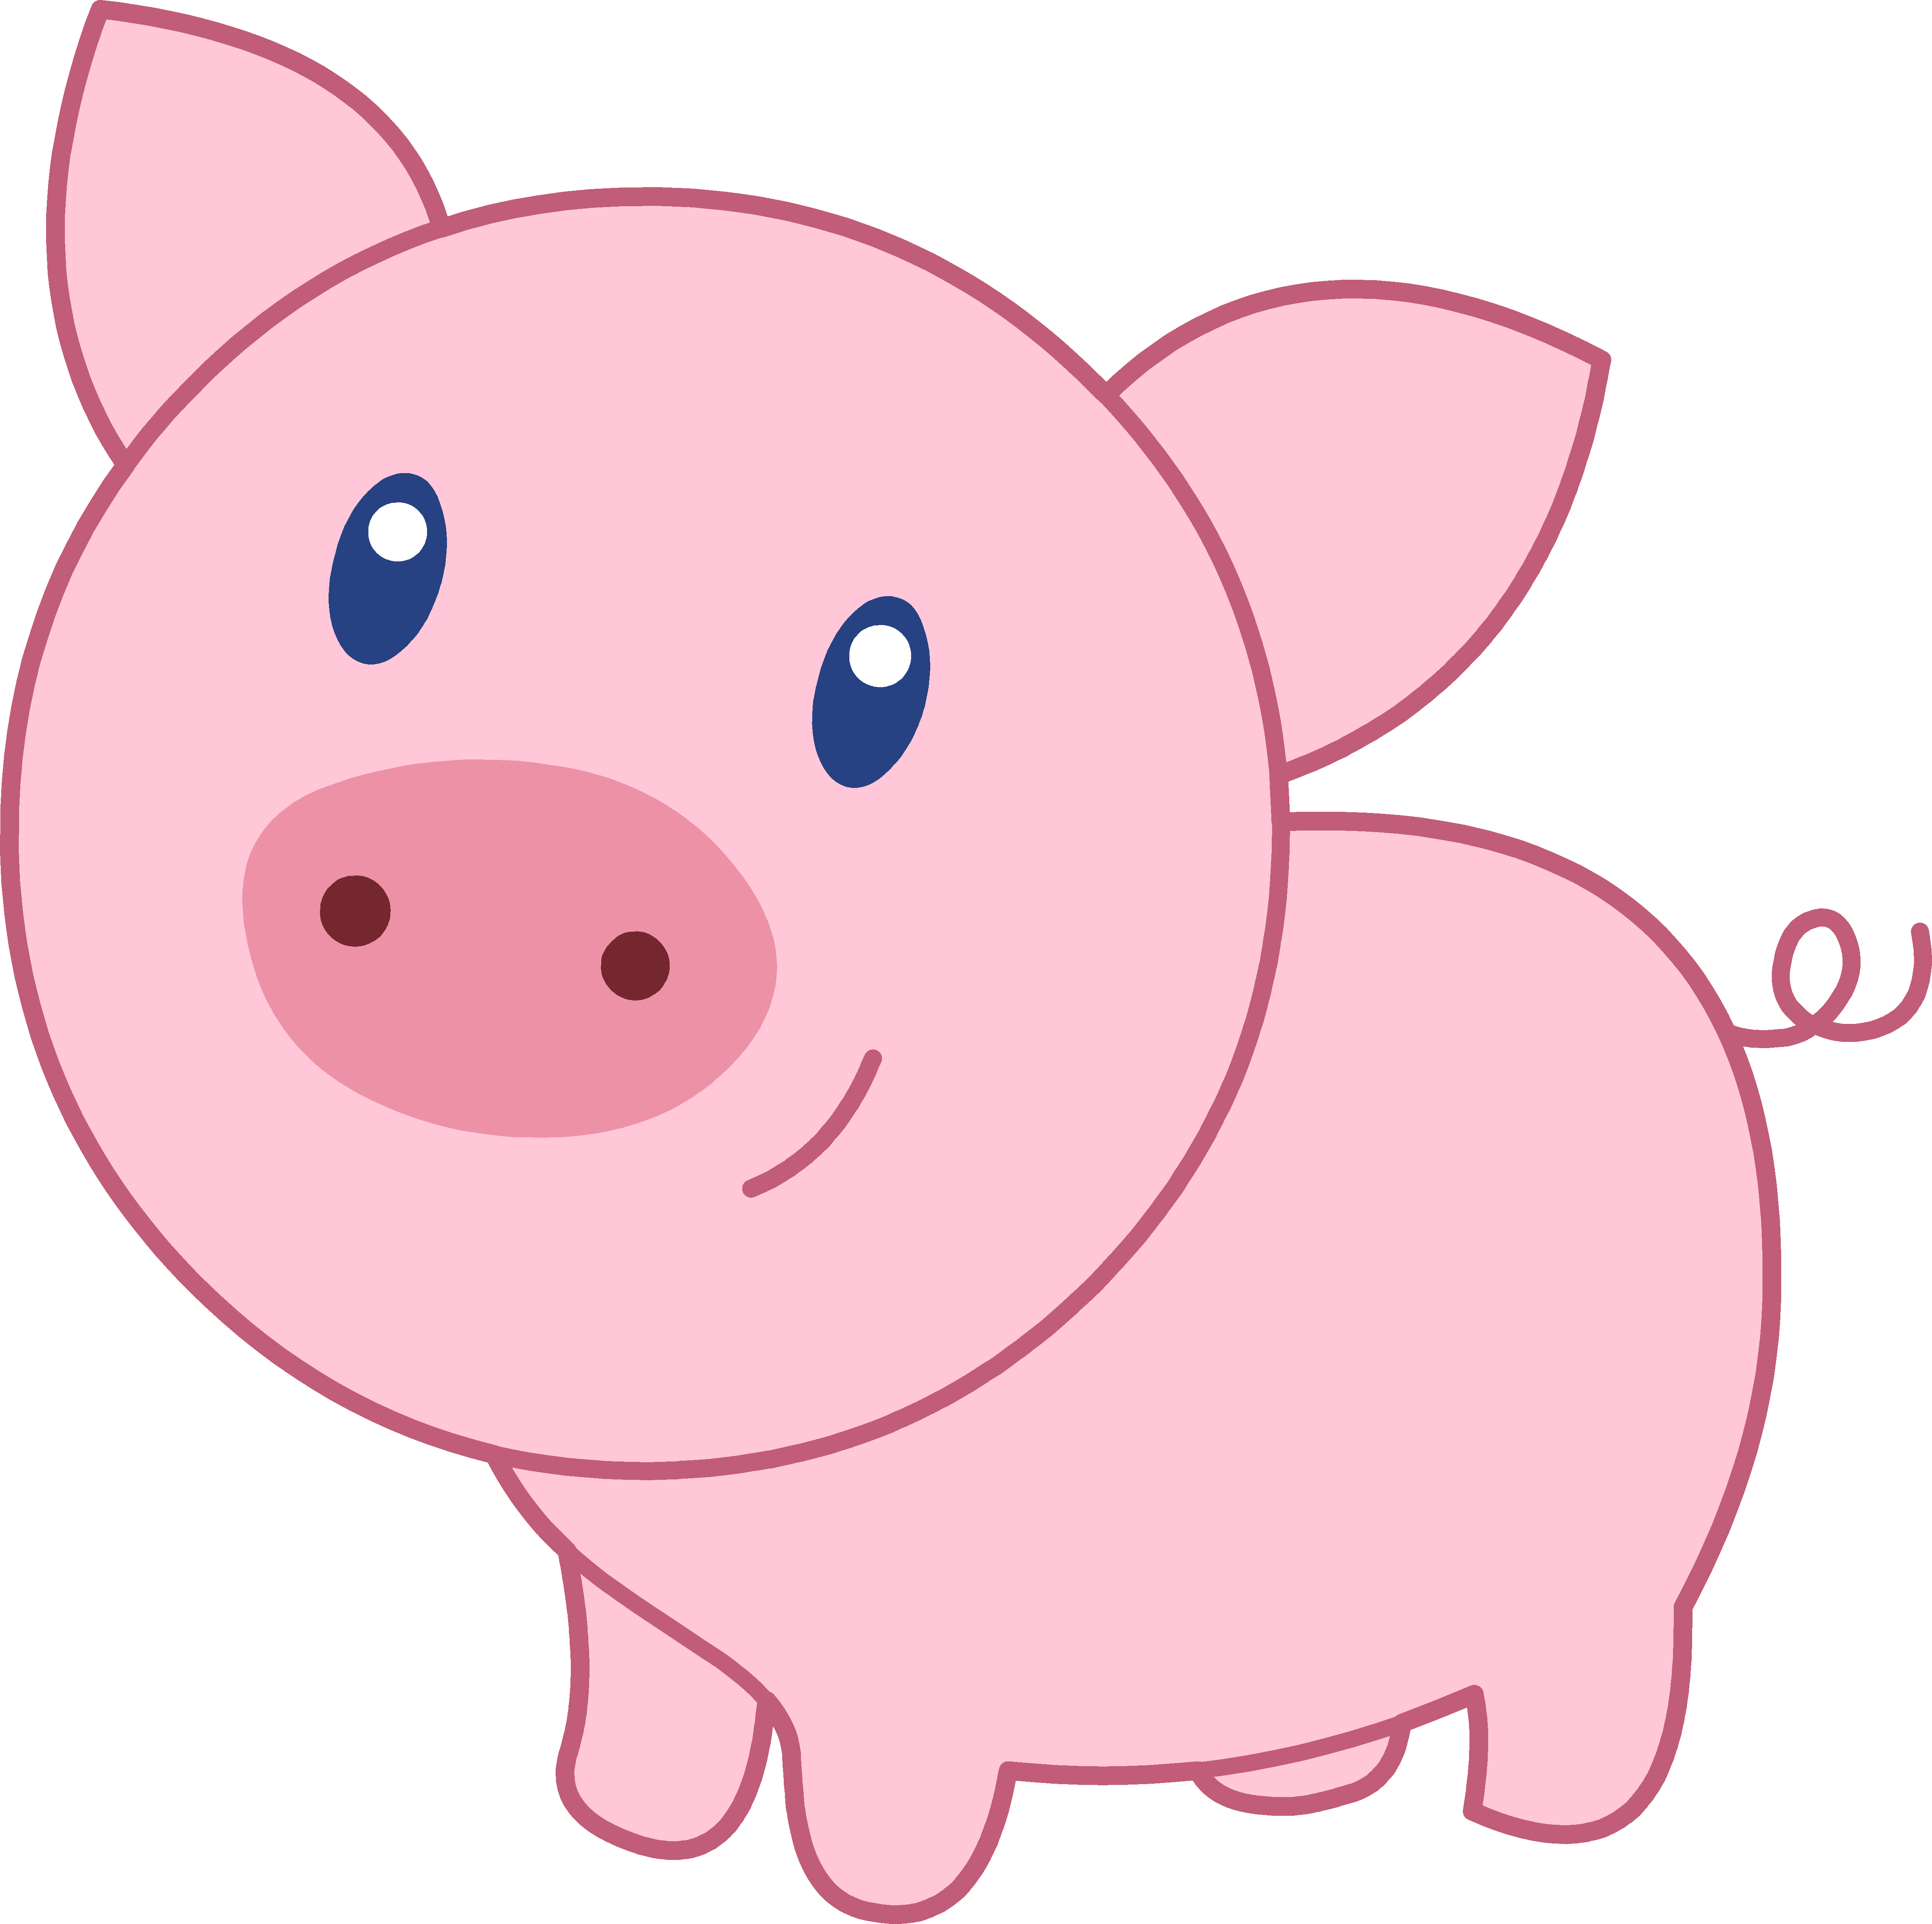 Pigs In Mud Cartoon.